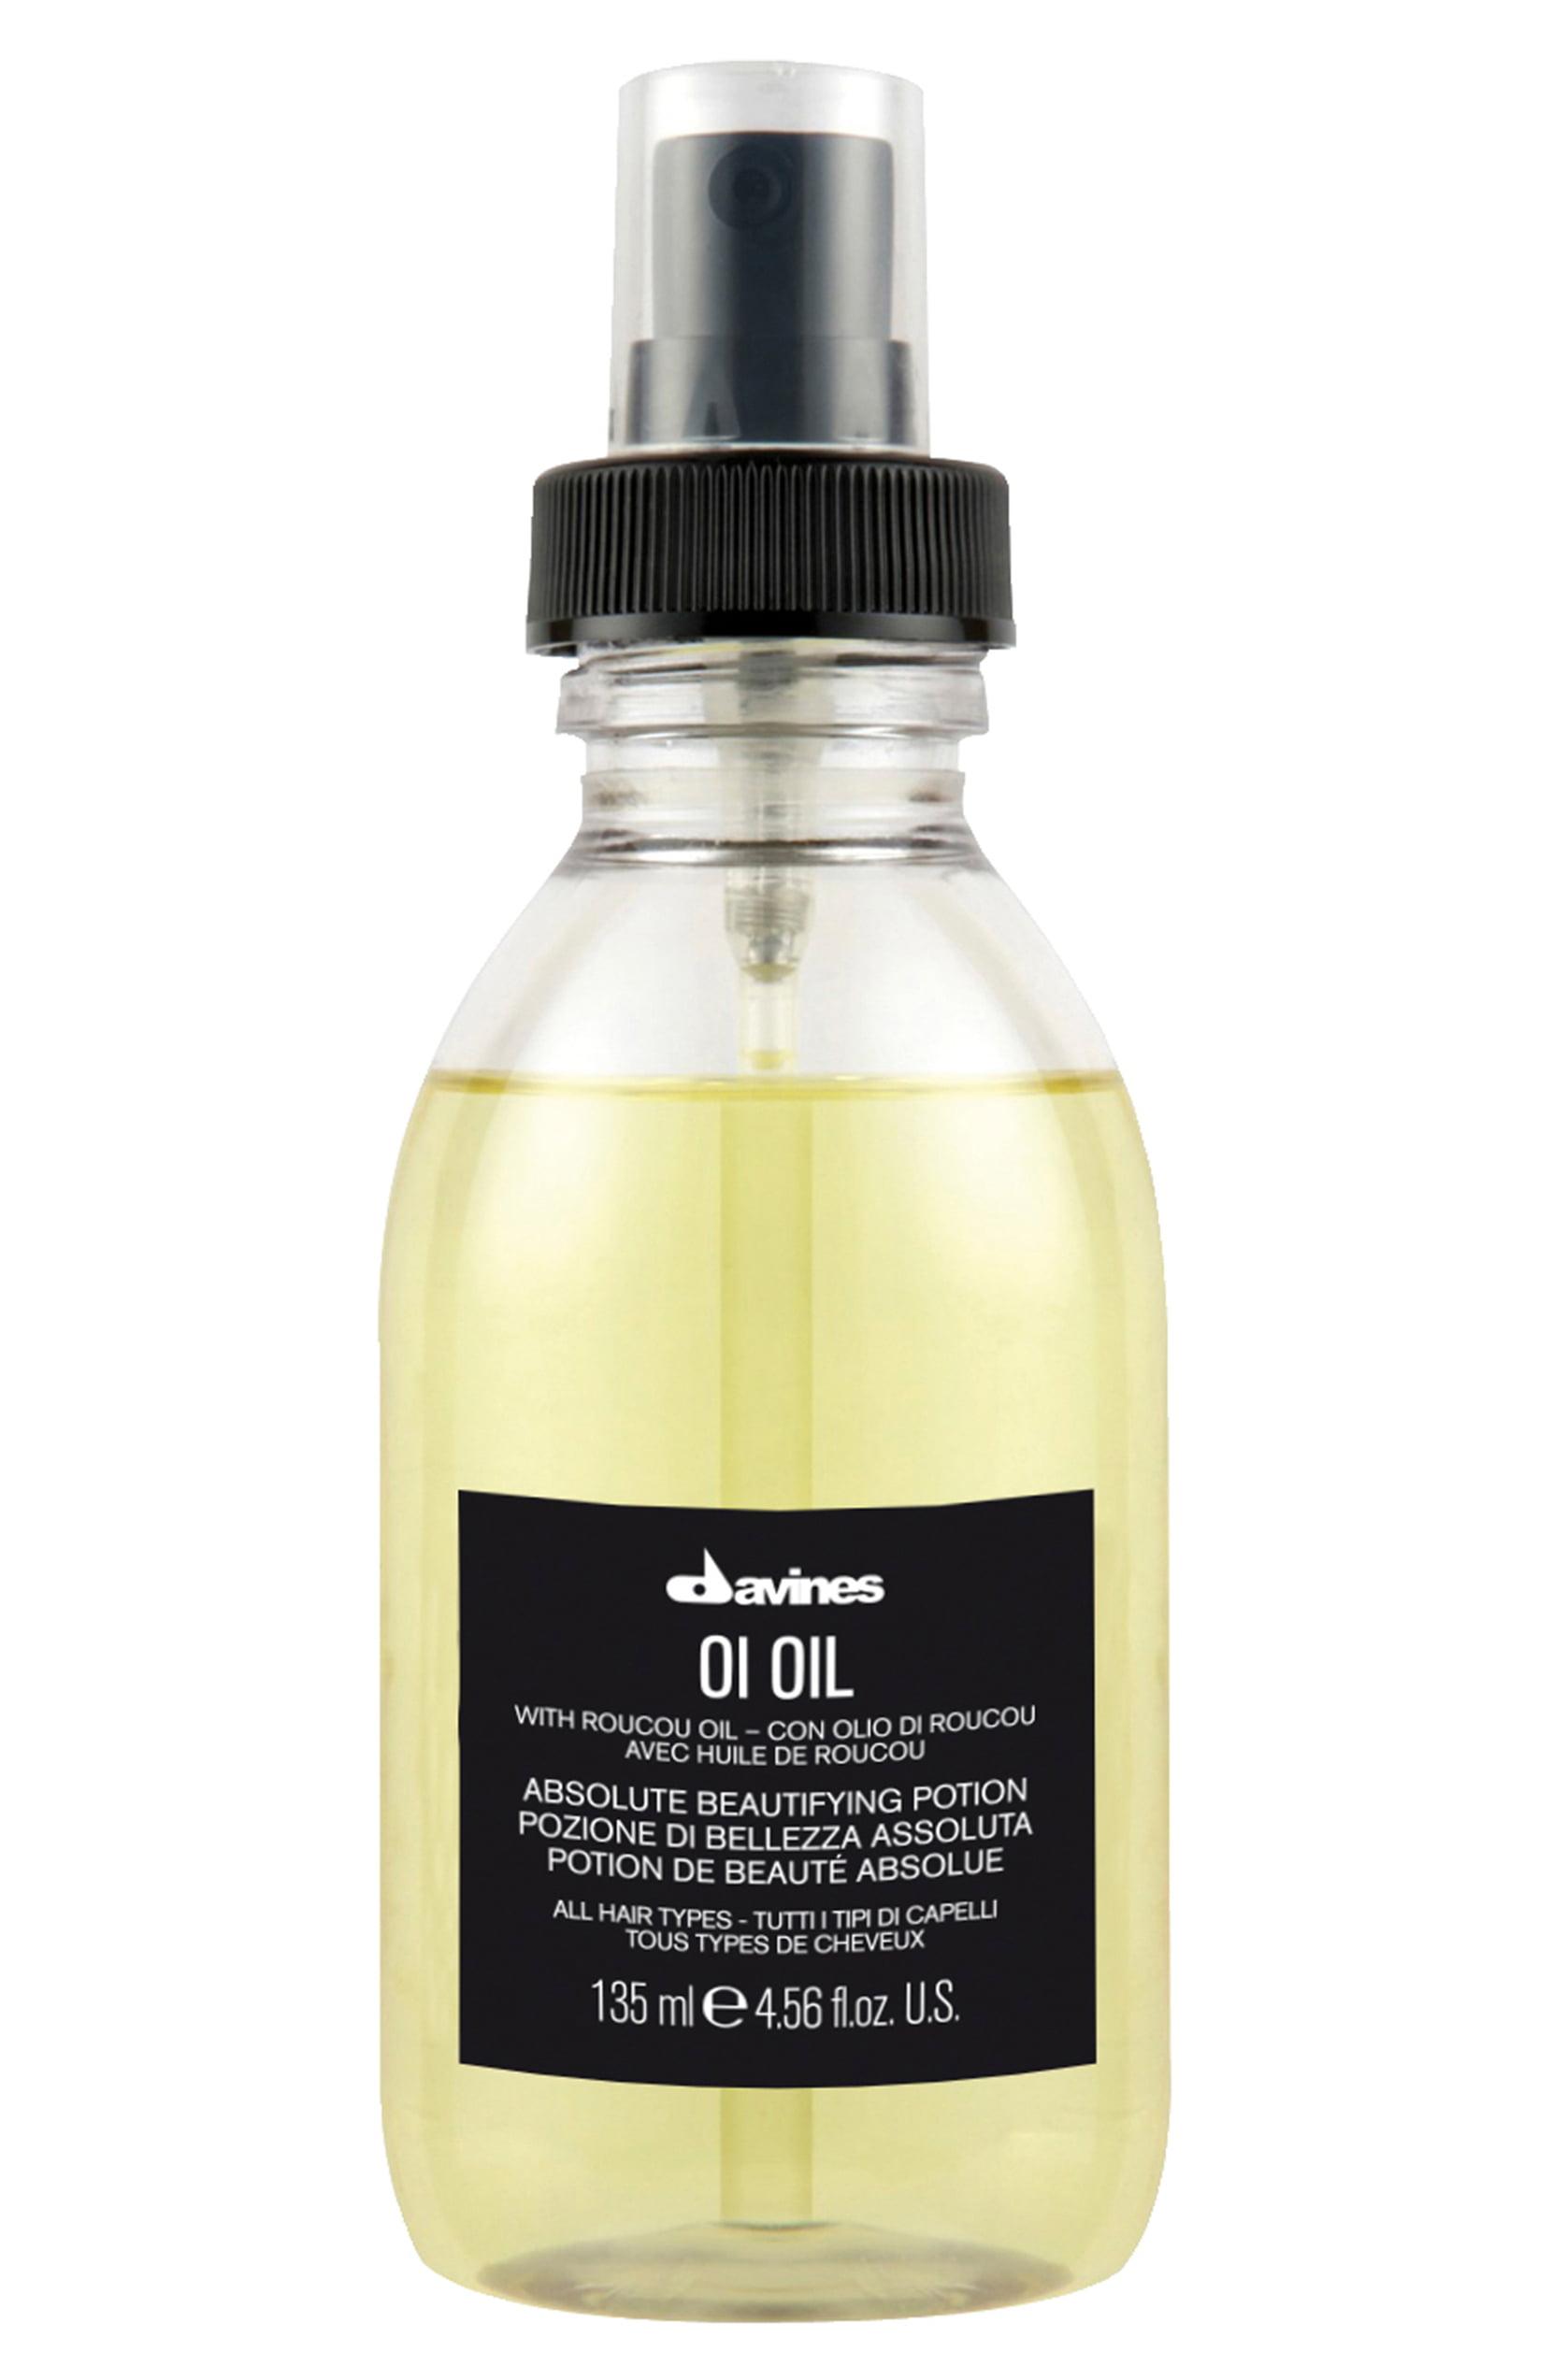 davines hair oil